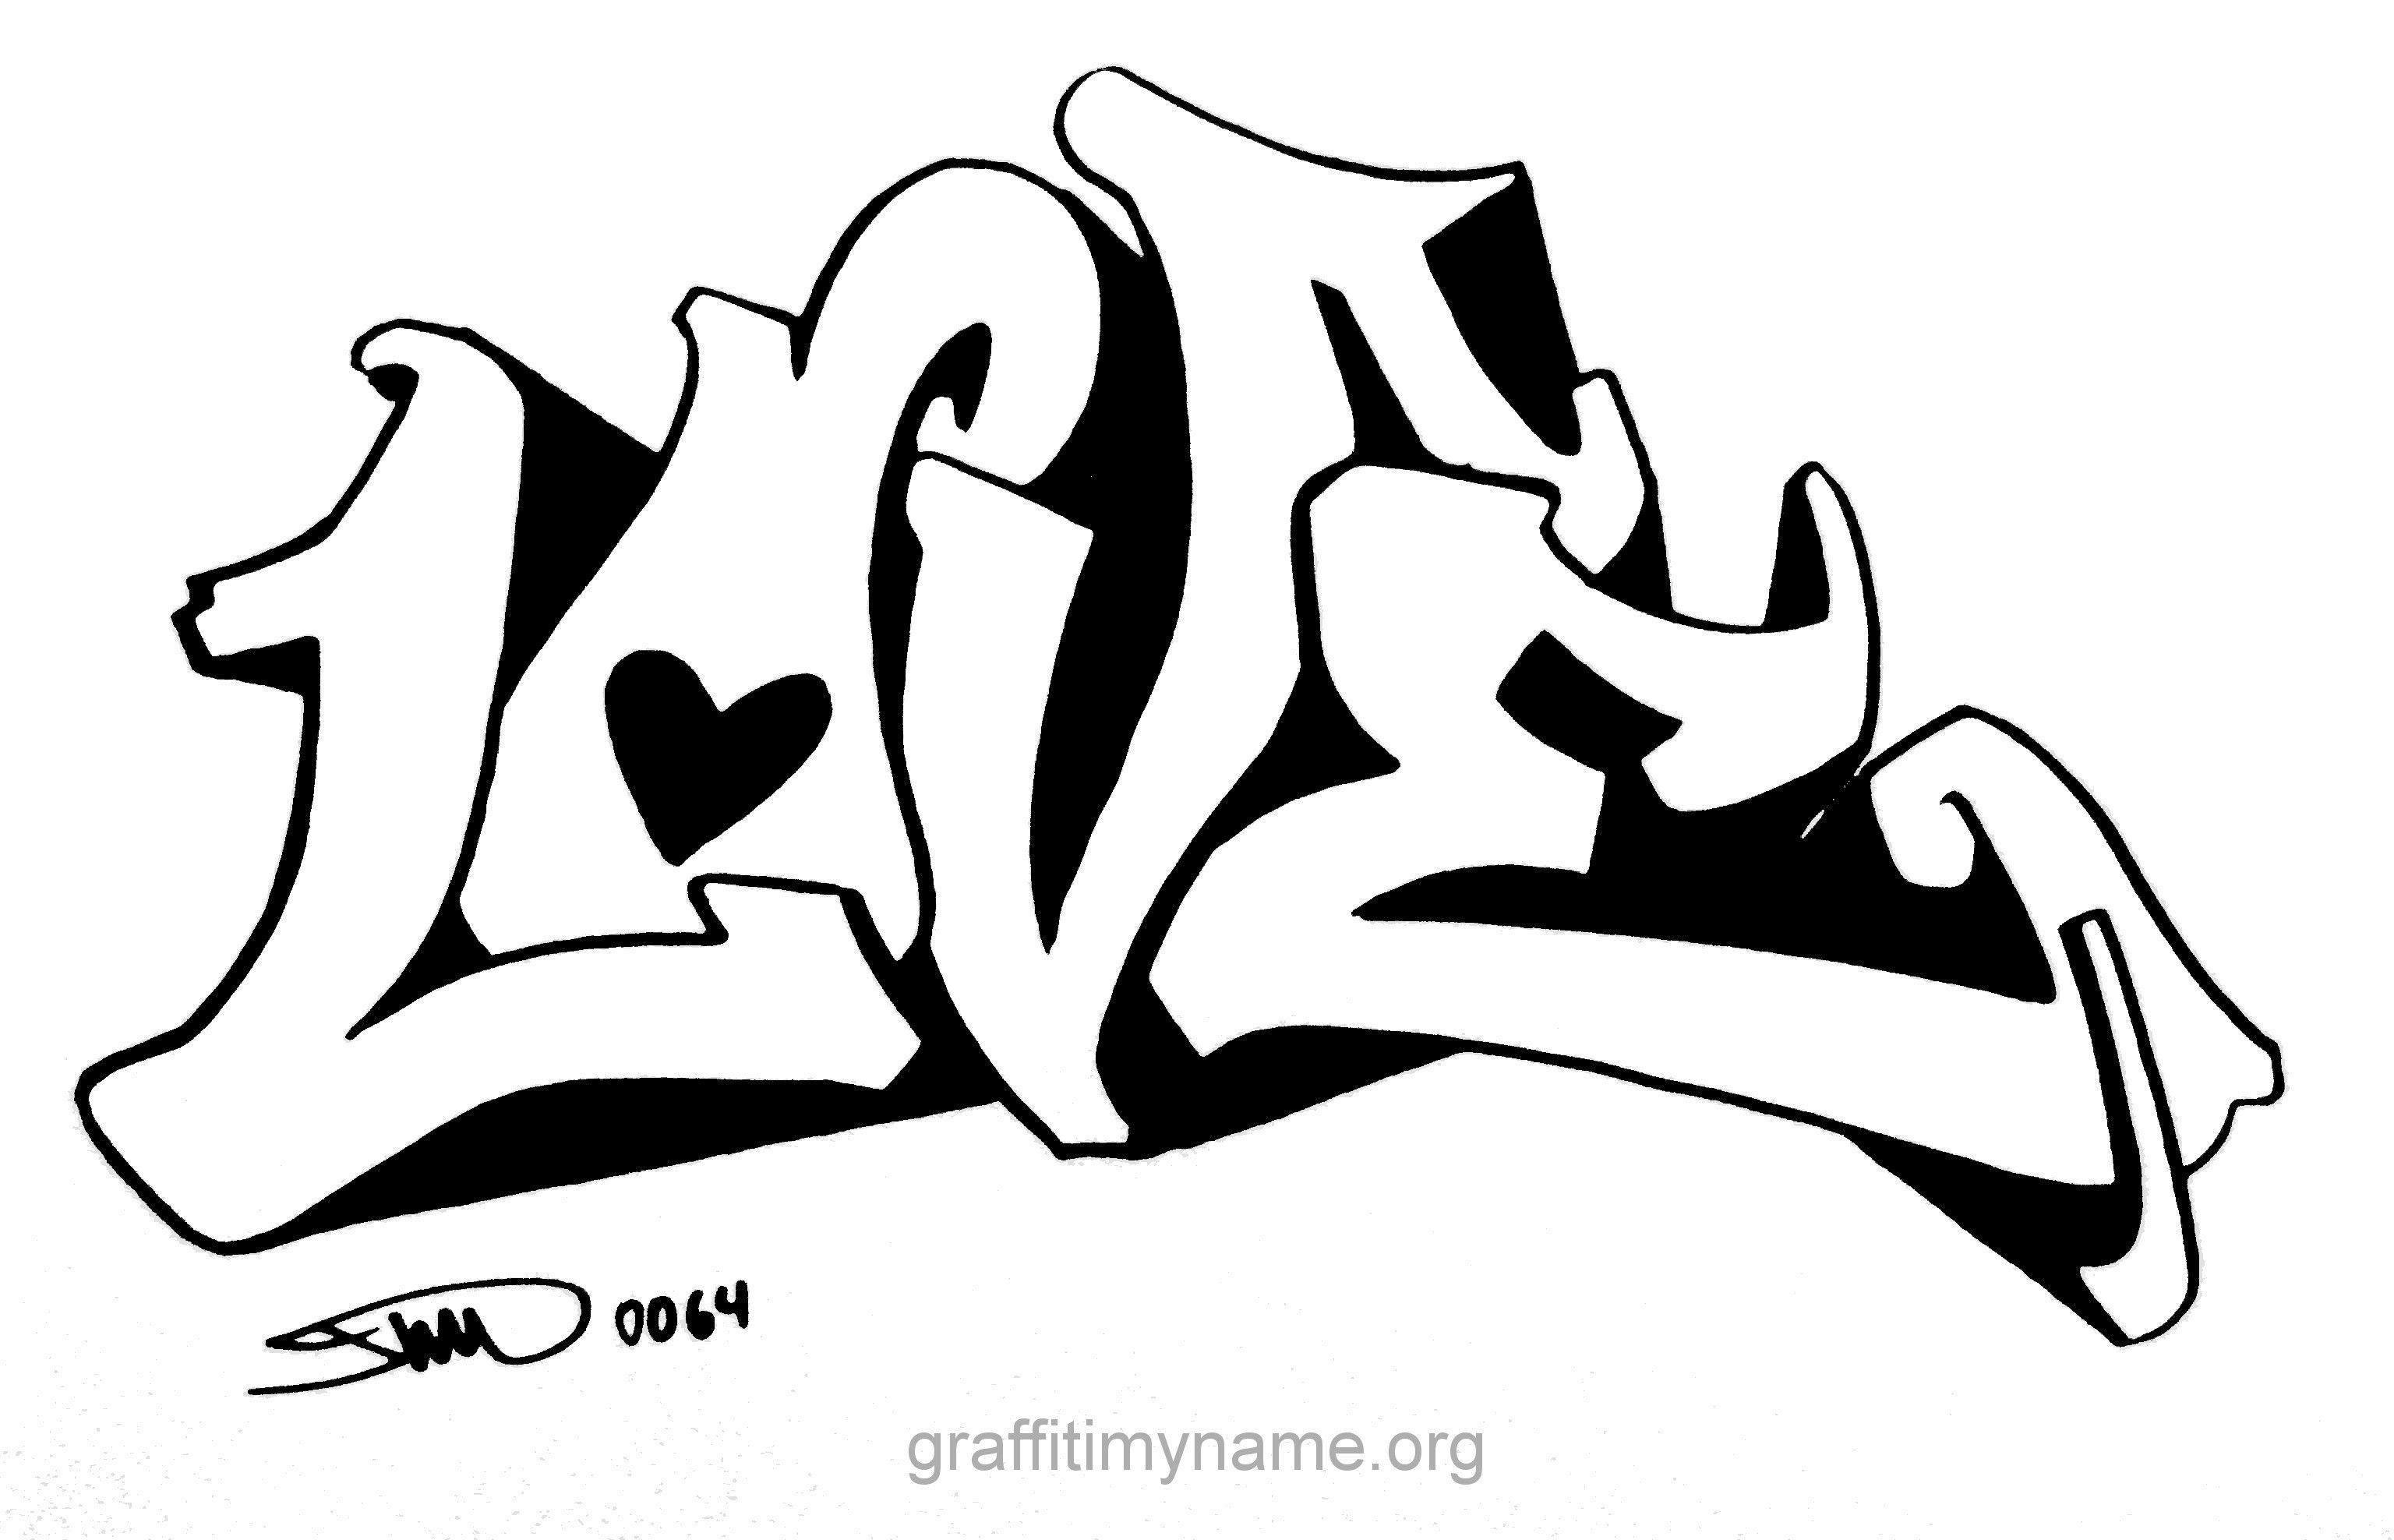 Frisch Malvorlagen I Love You Graffiti Malvorlagen Graffiti Schriftart